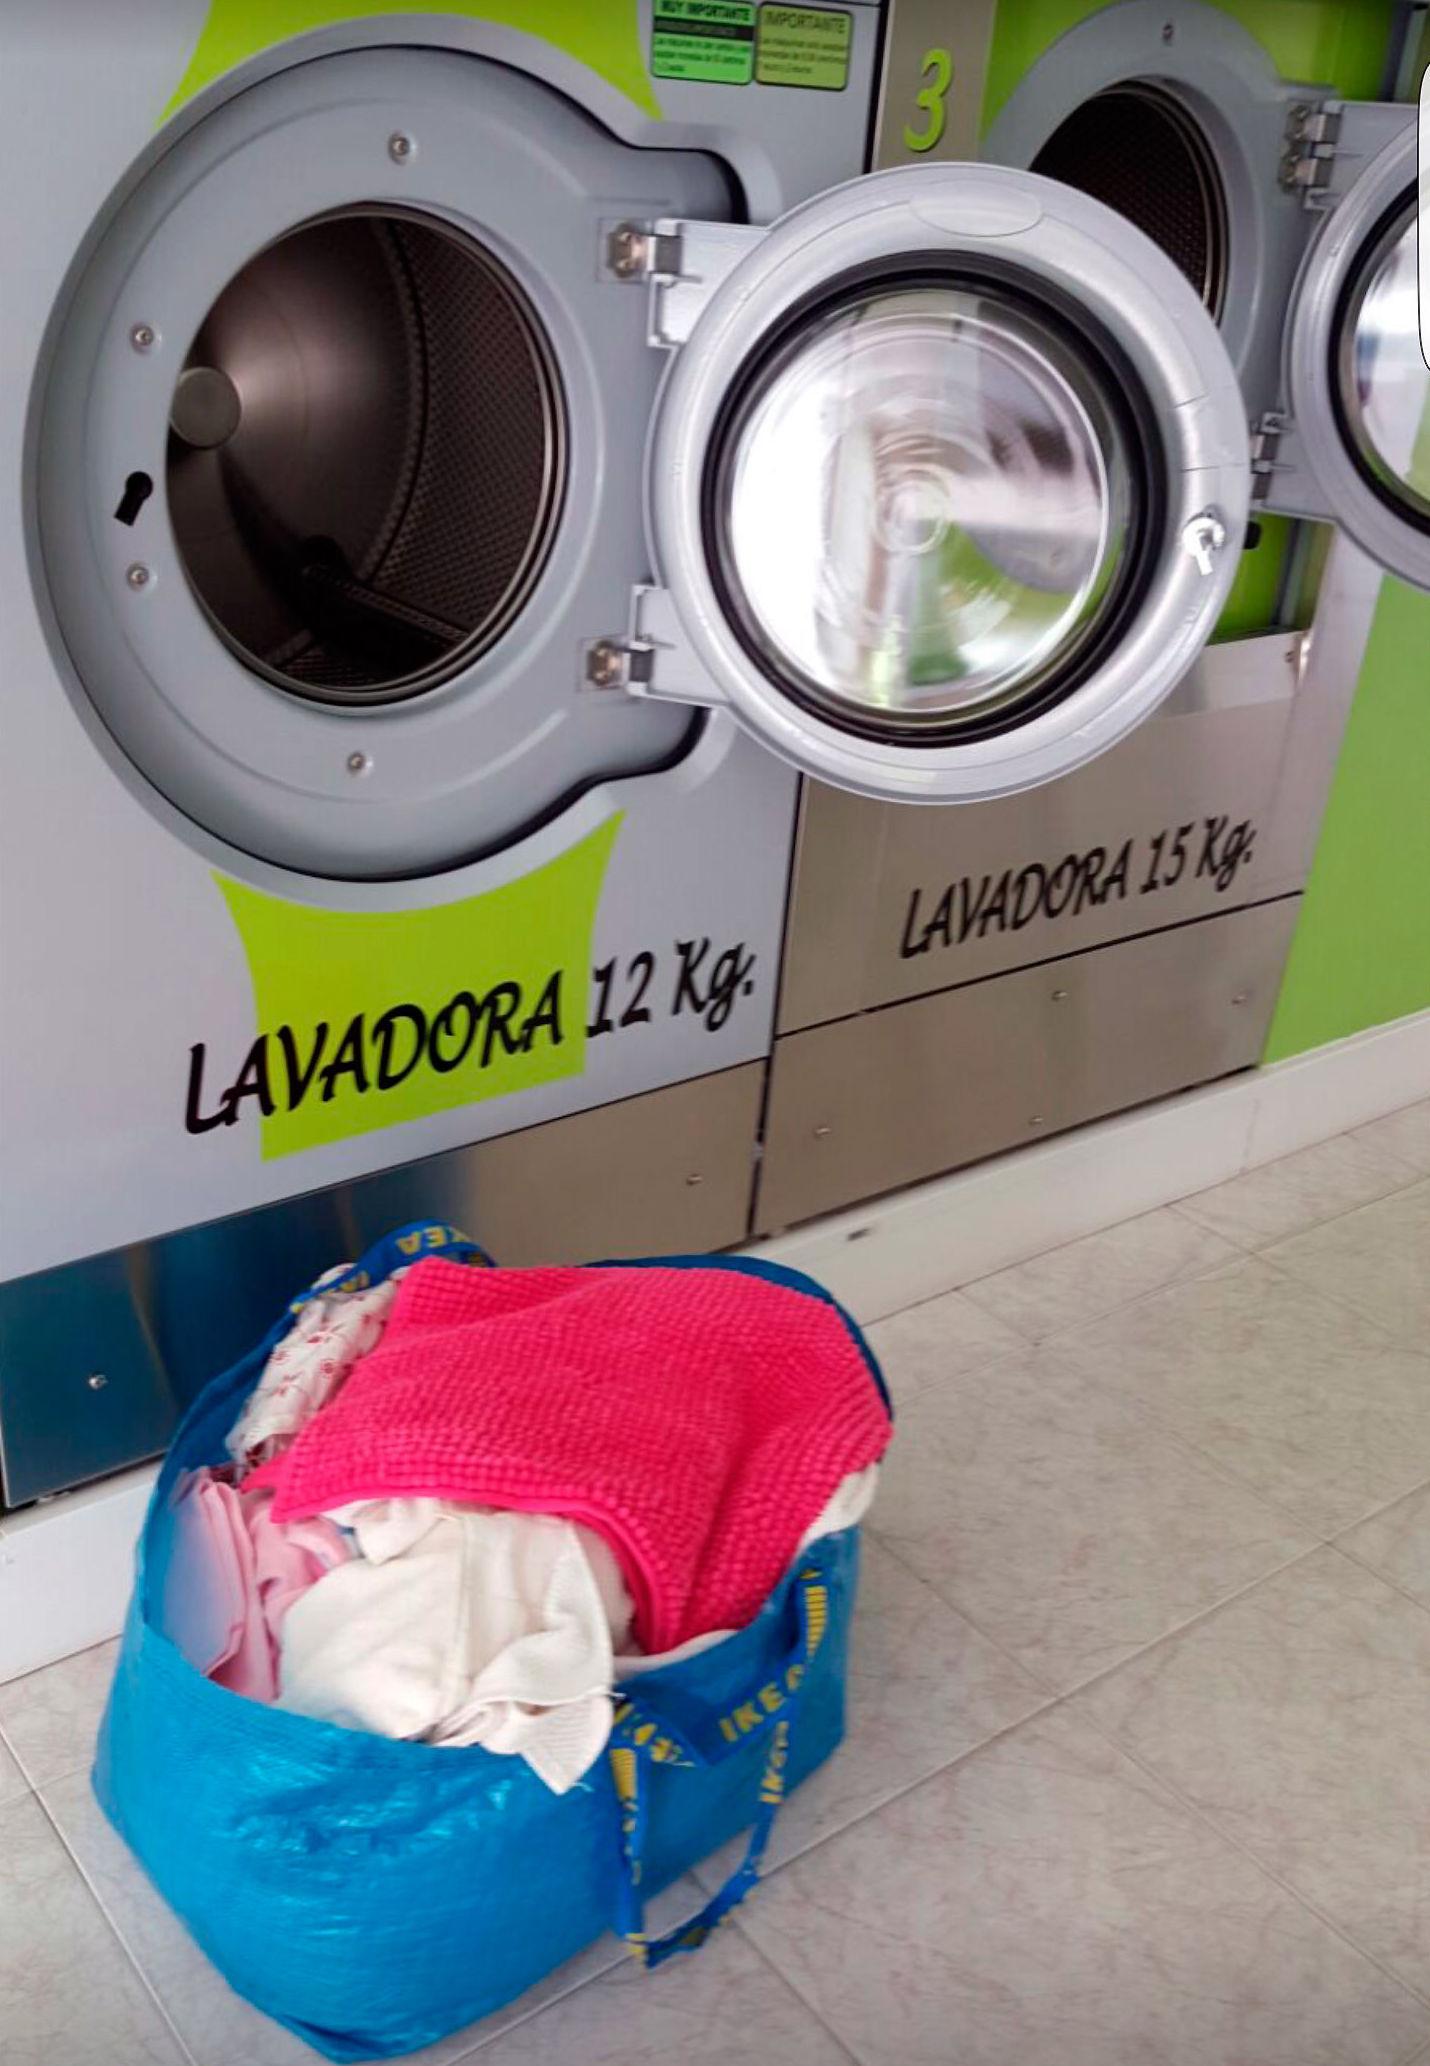 Lave su ropa más barato que en casa